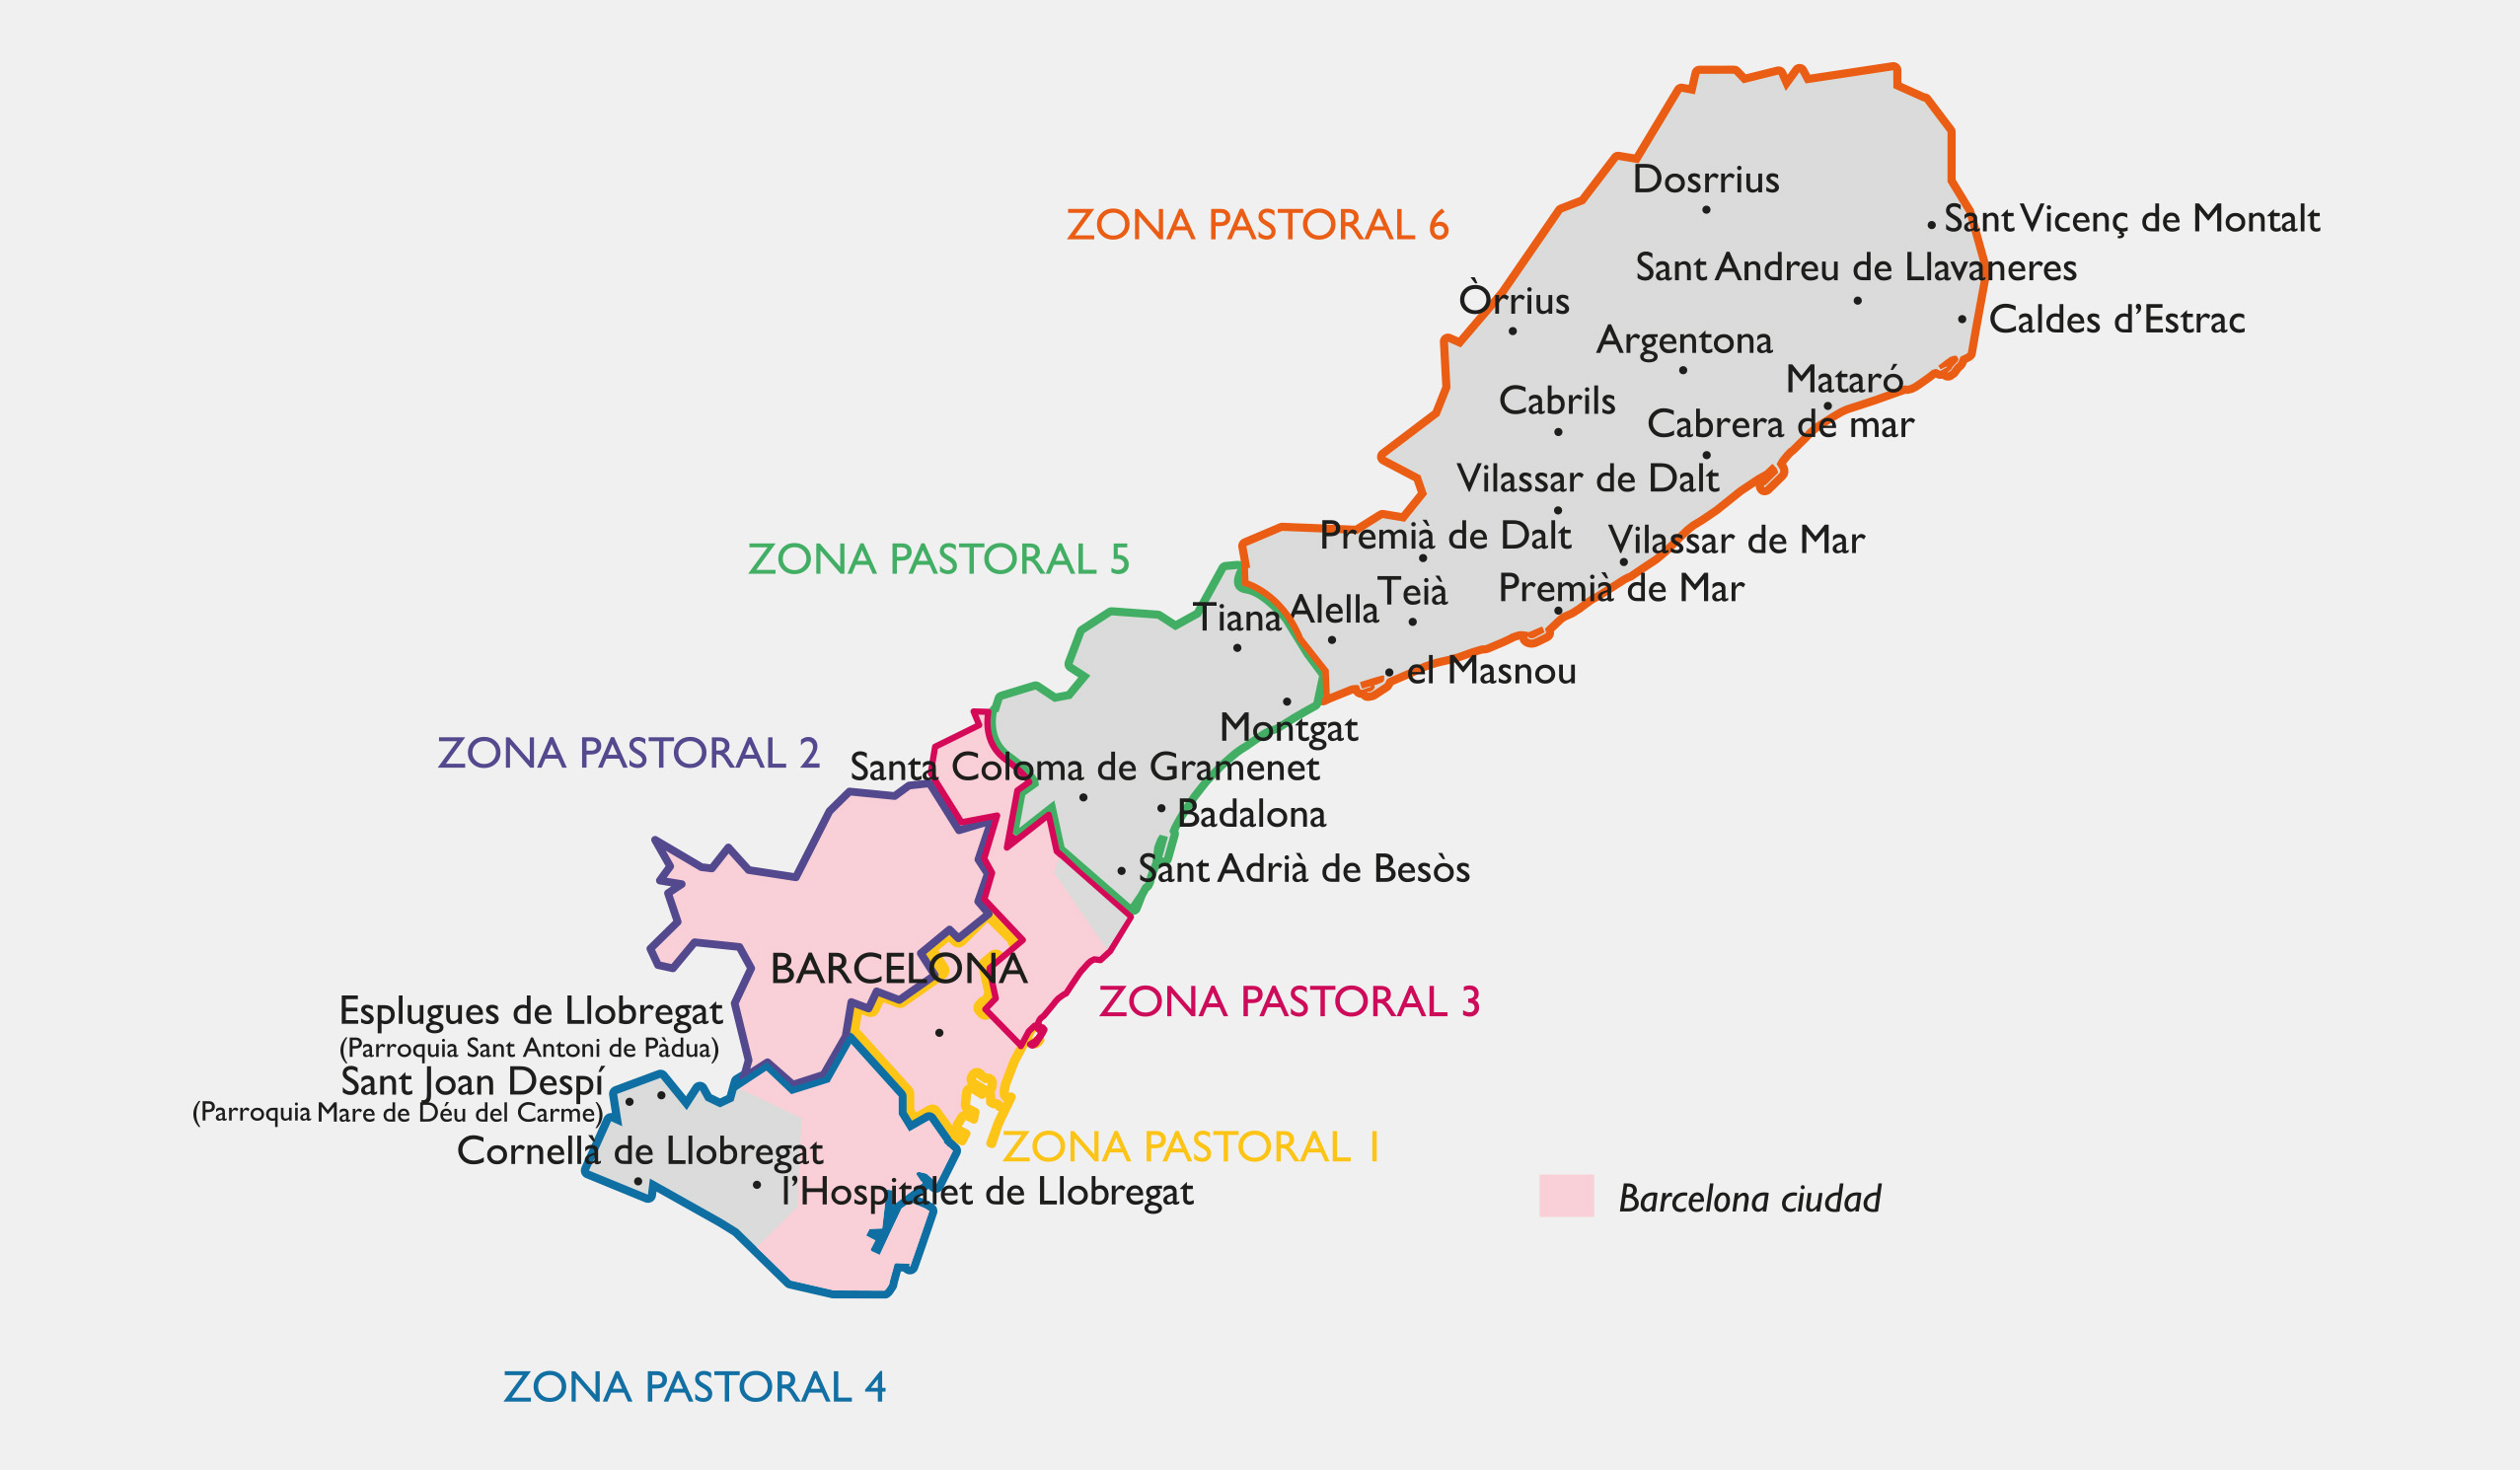 Zones pastorals